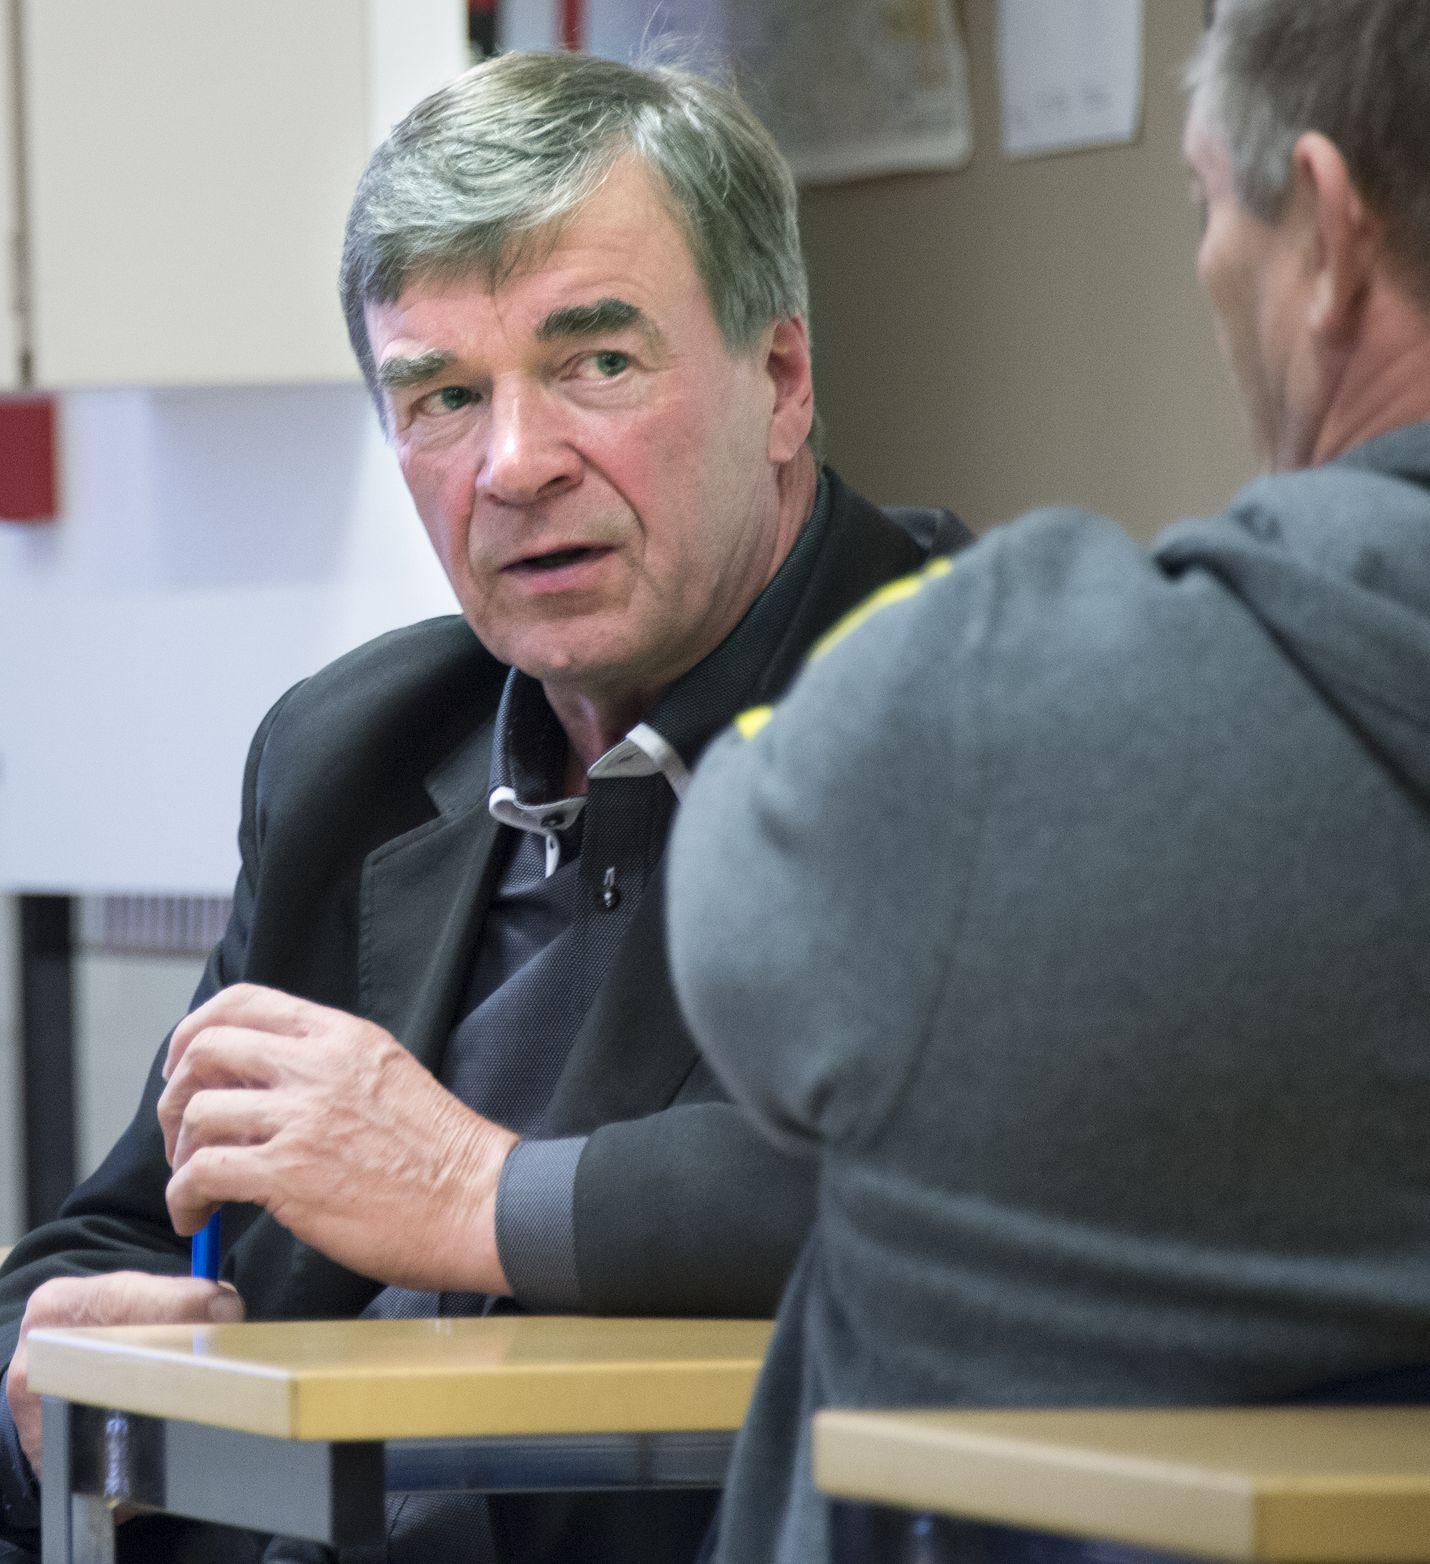 Euralainen Timo Kalli on toiminut kansanedustajana Satakunnan vaalipiiristä vuodesta 1991 lähtien. Kuva: LS-arkisto/Esa Urhonen